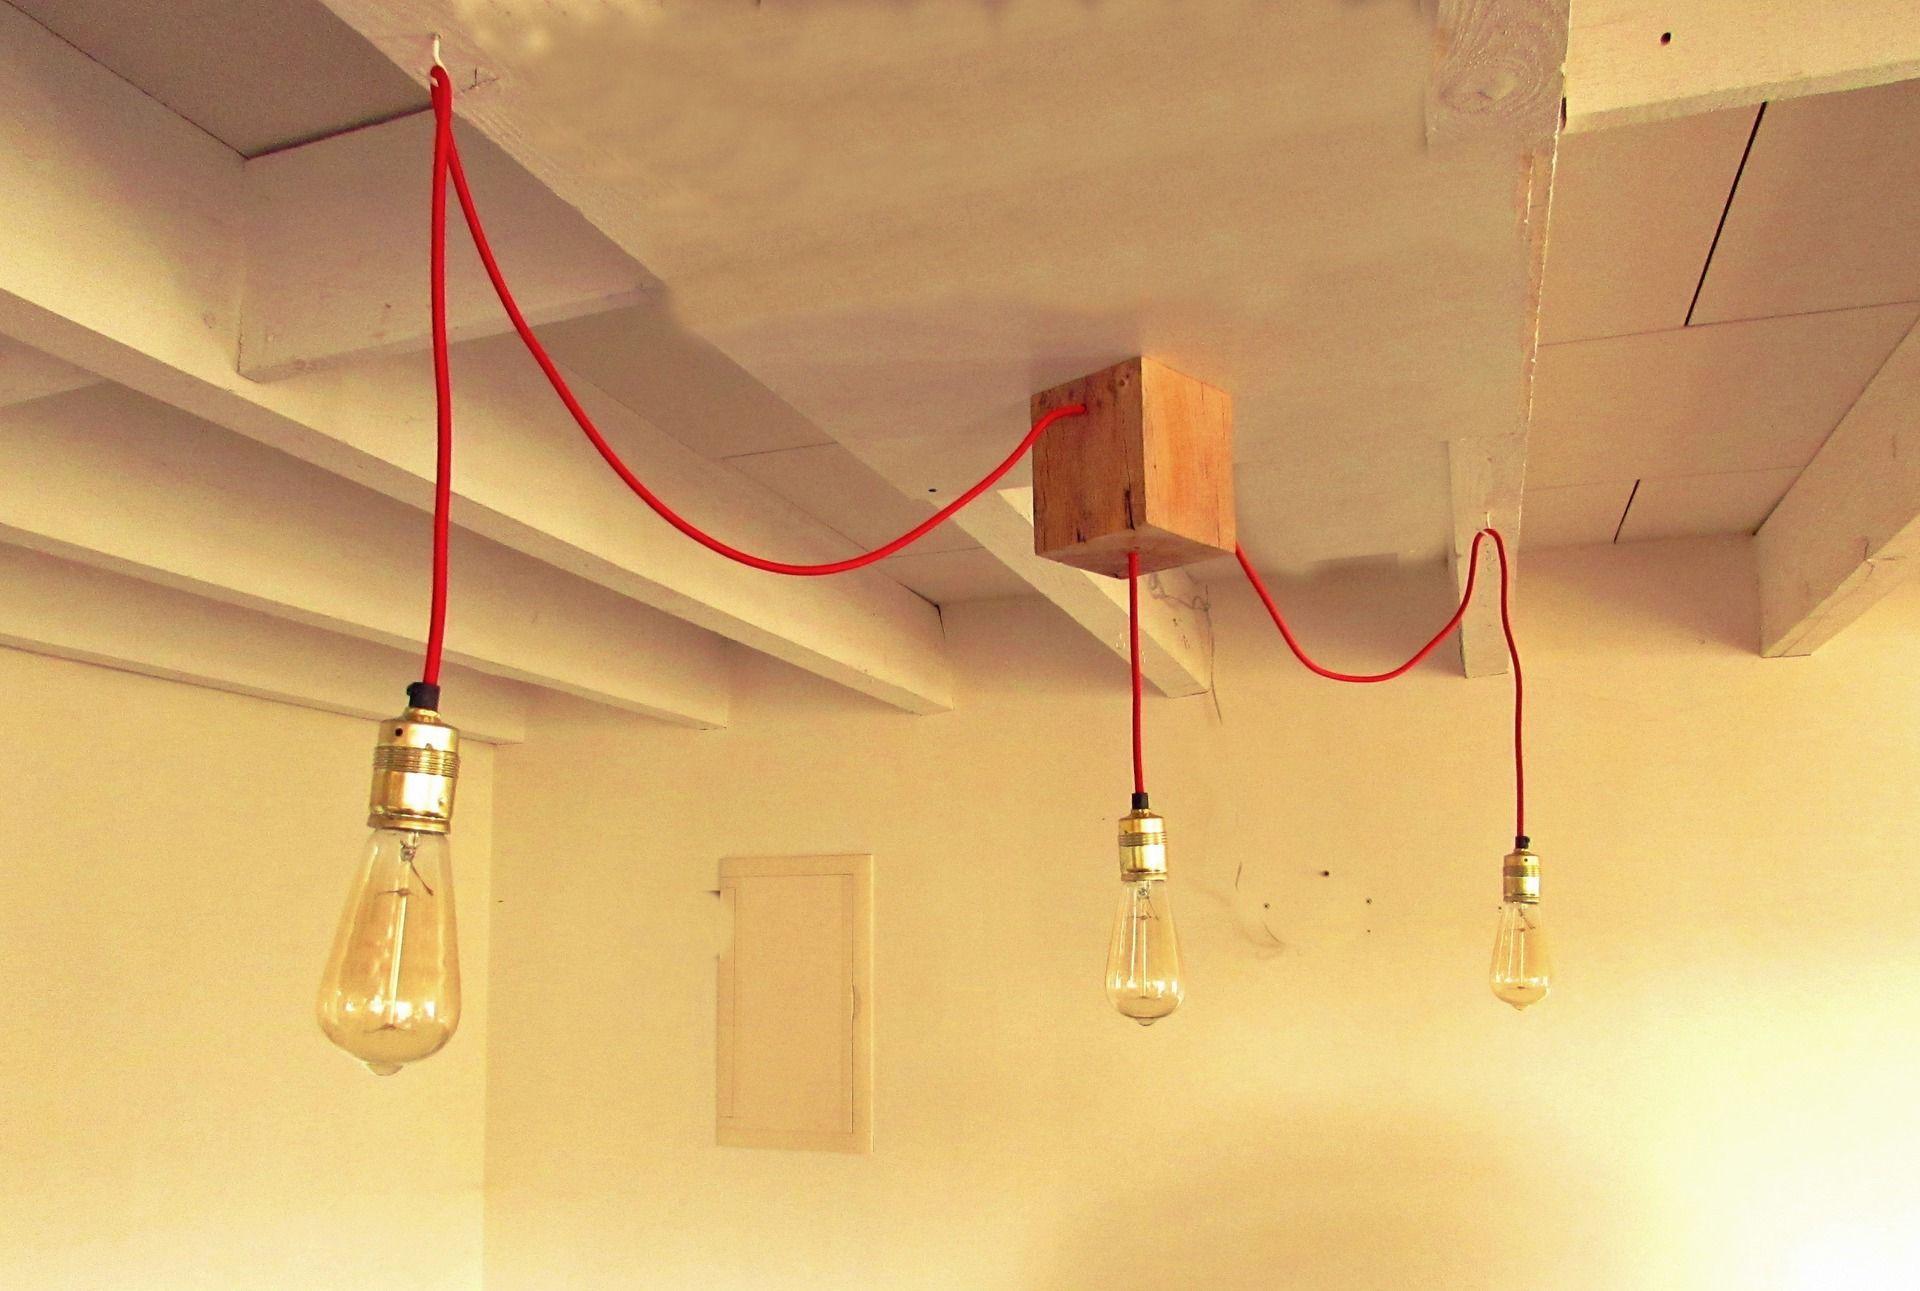 lustre ampoule filament suspension ampoule suspension luminaire suspendu de. Black Bedroom Furniture Sets. Home Design Ideas